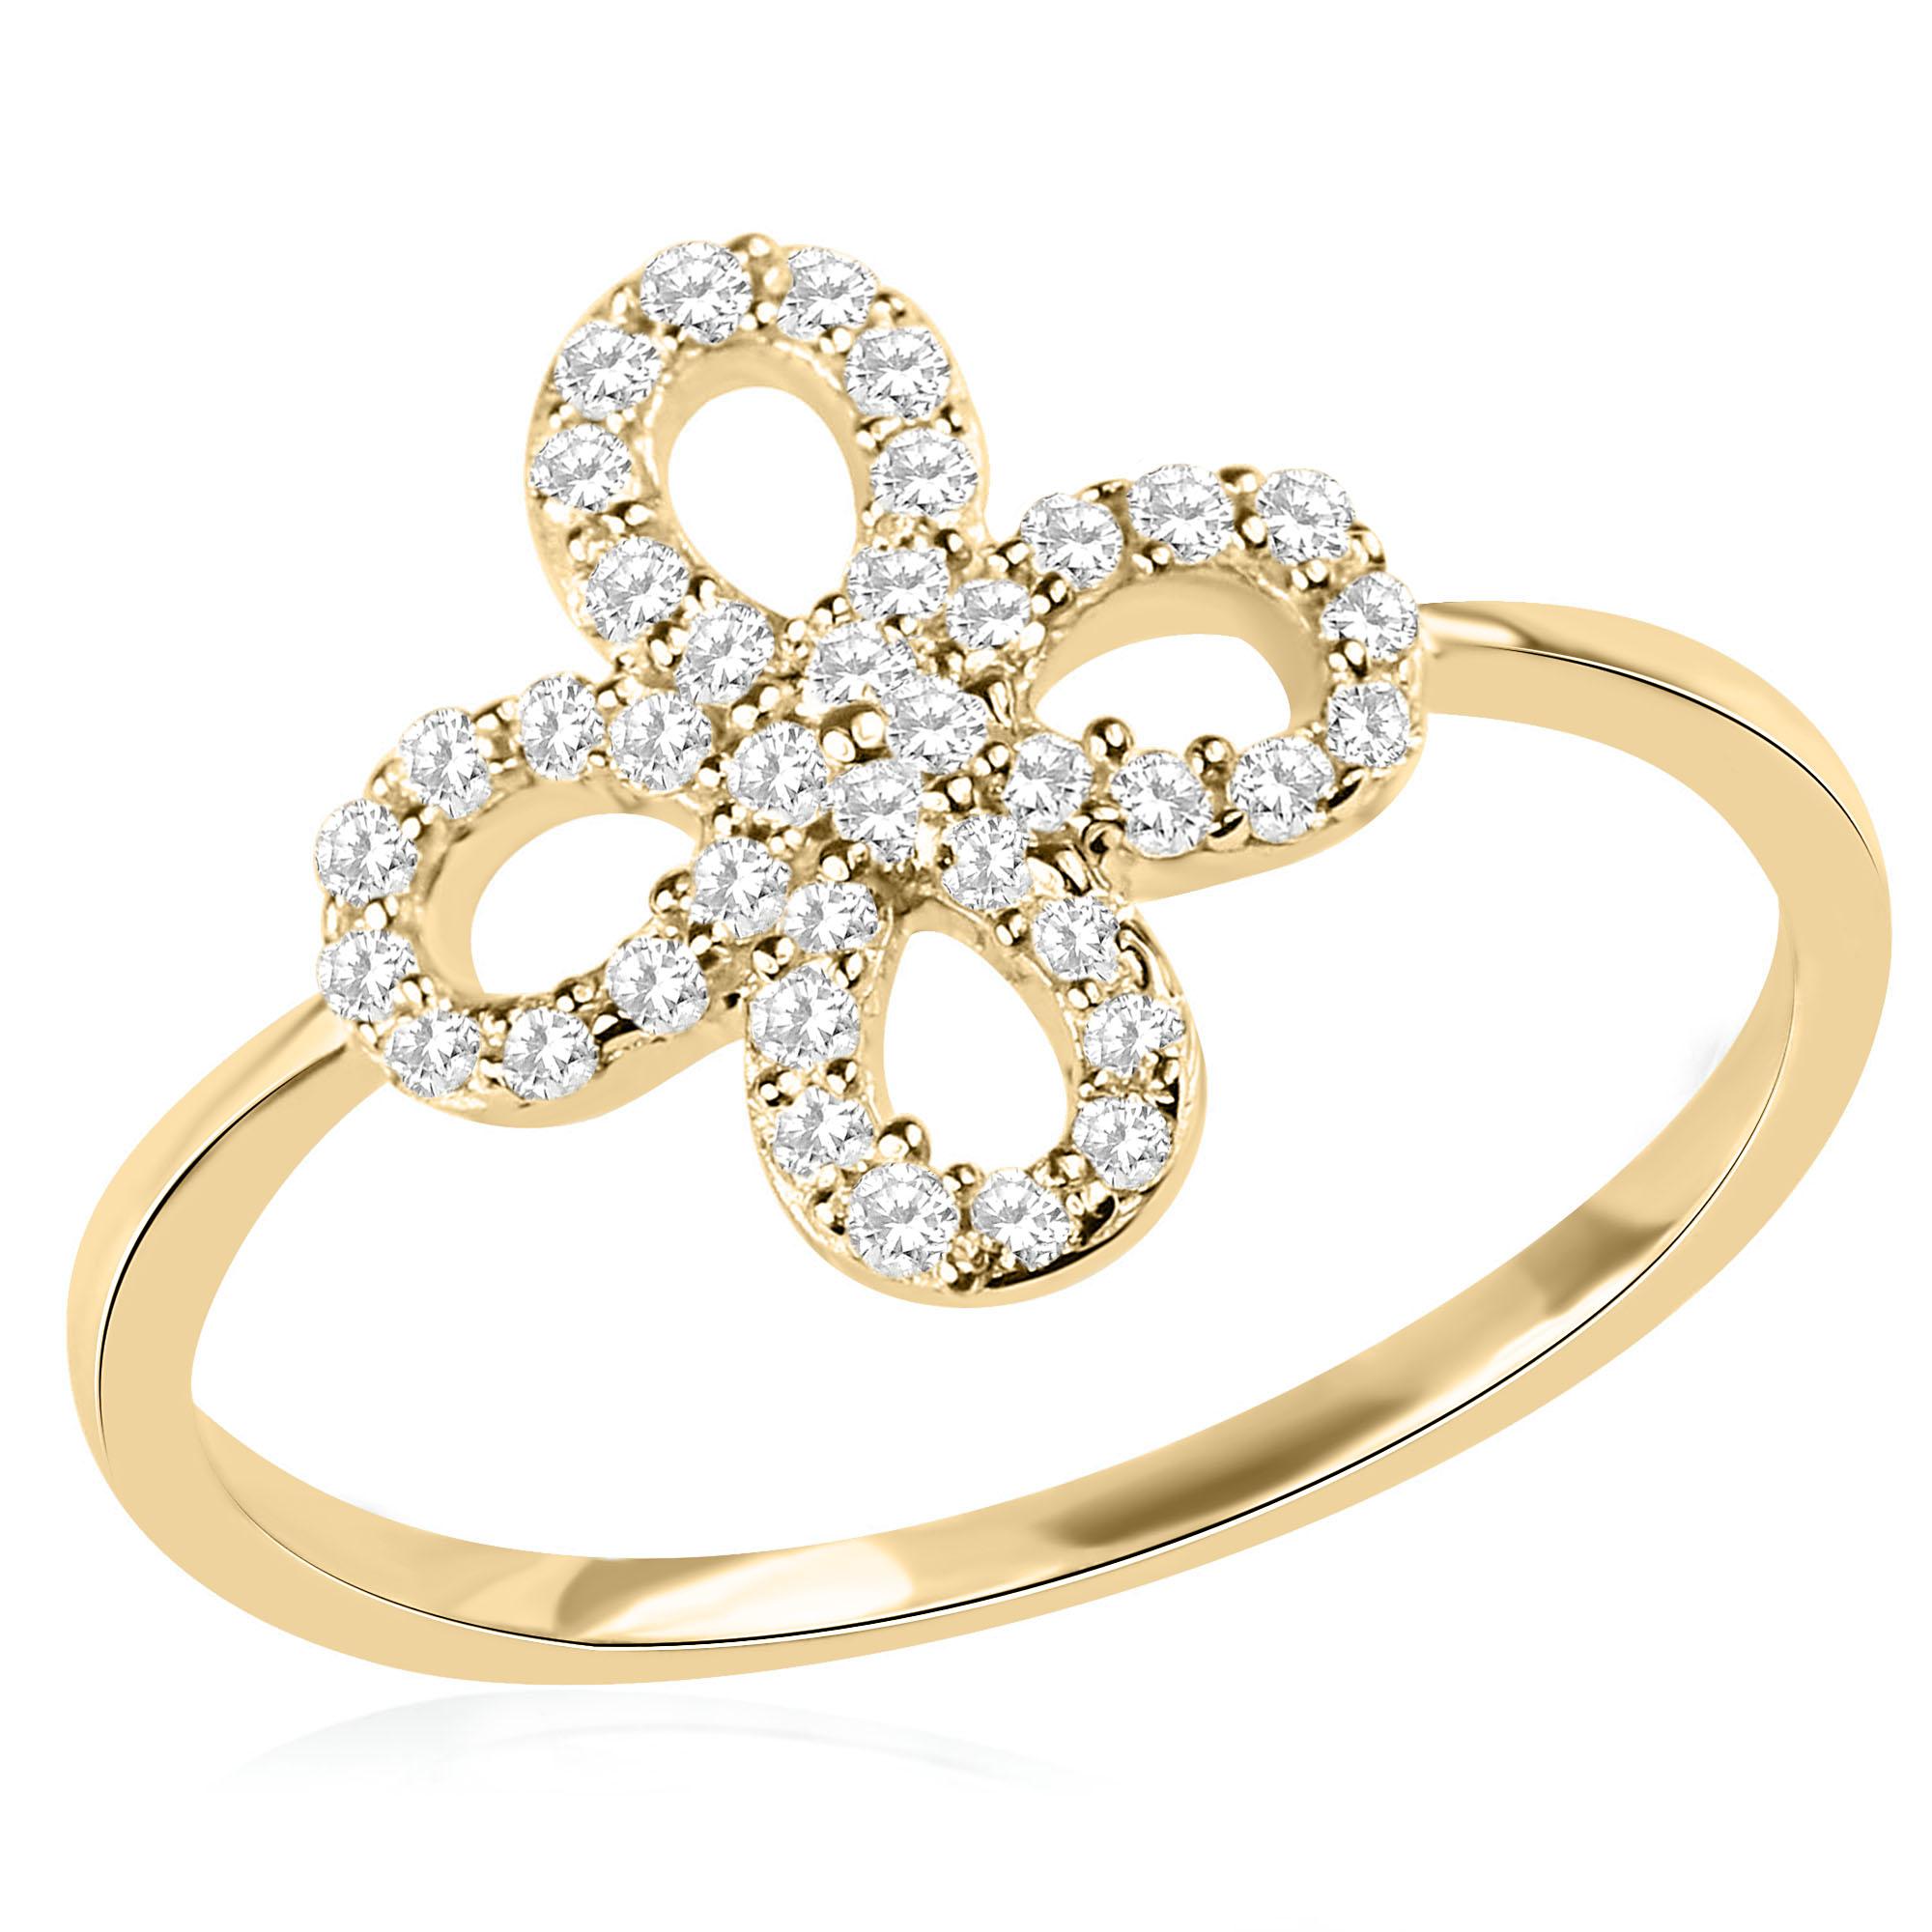 טבעת תלתן זהב צהוב 14 קראט משובצת יהלומים